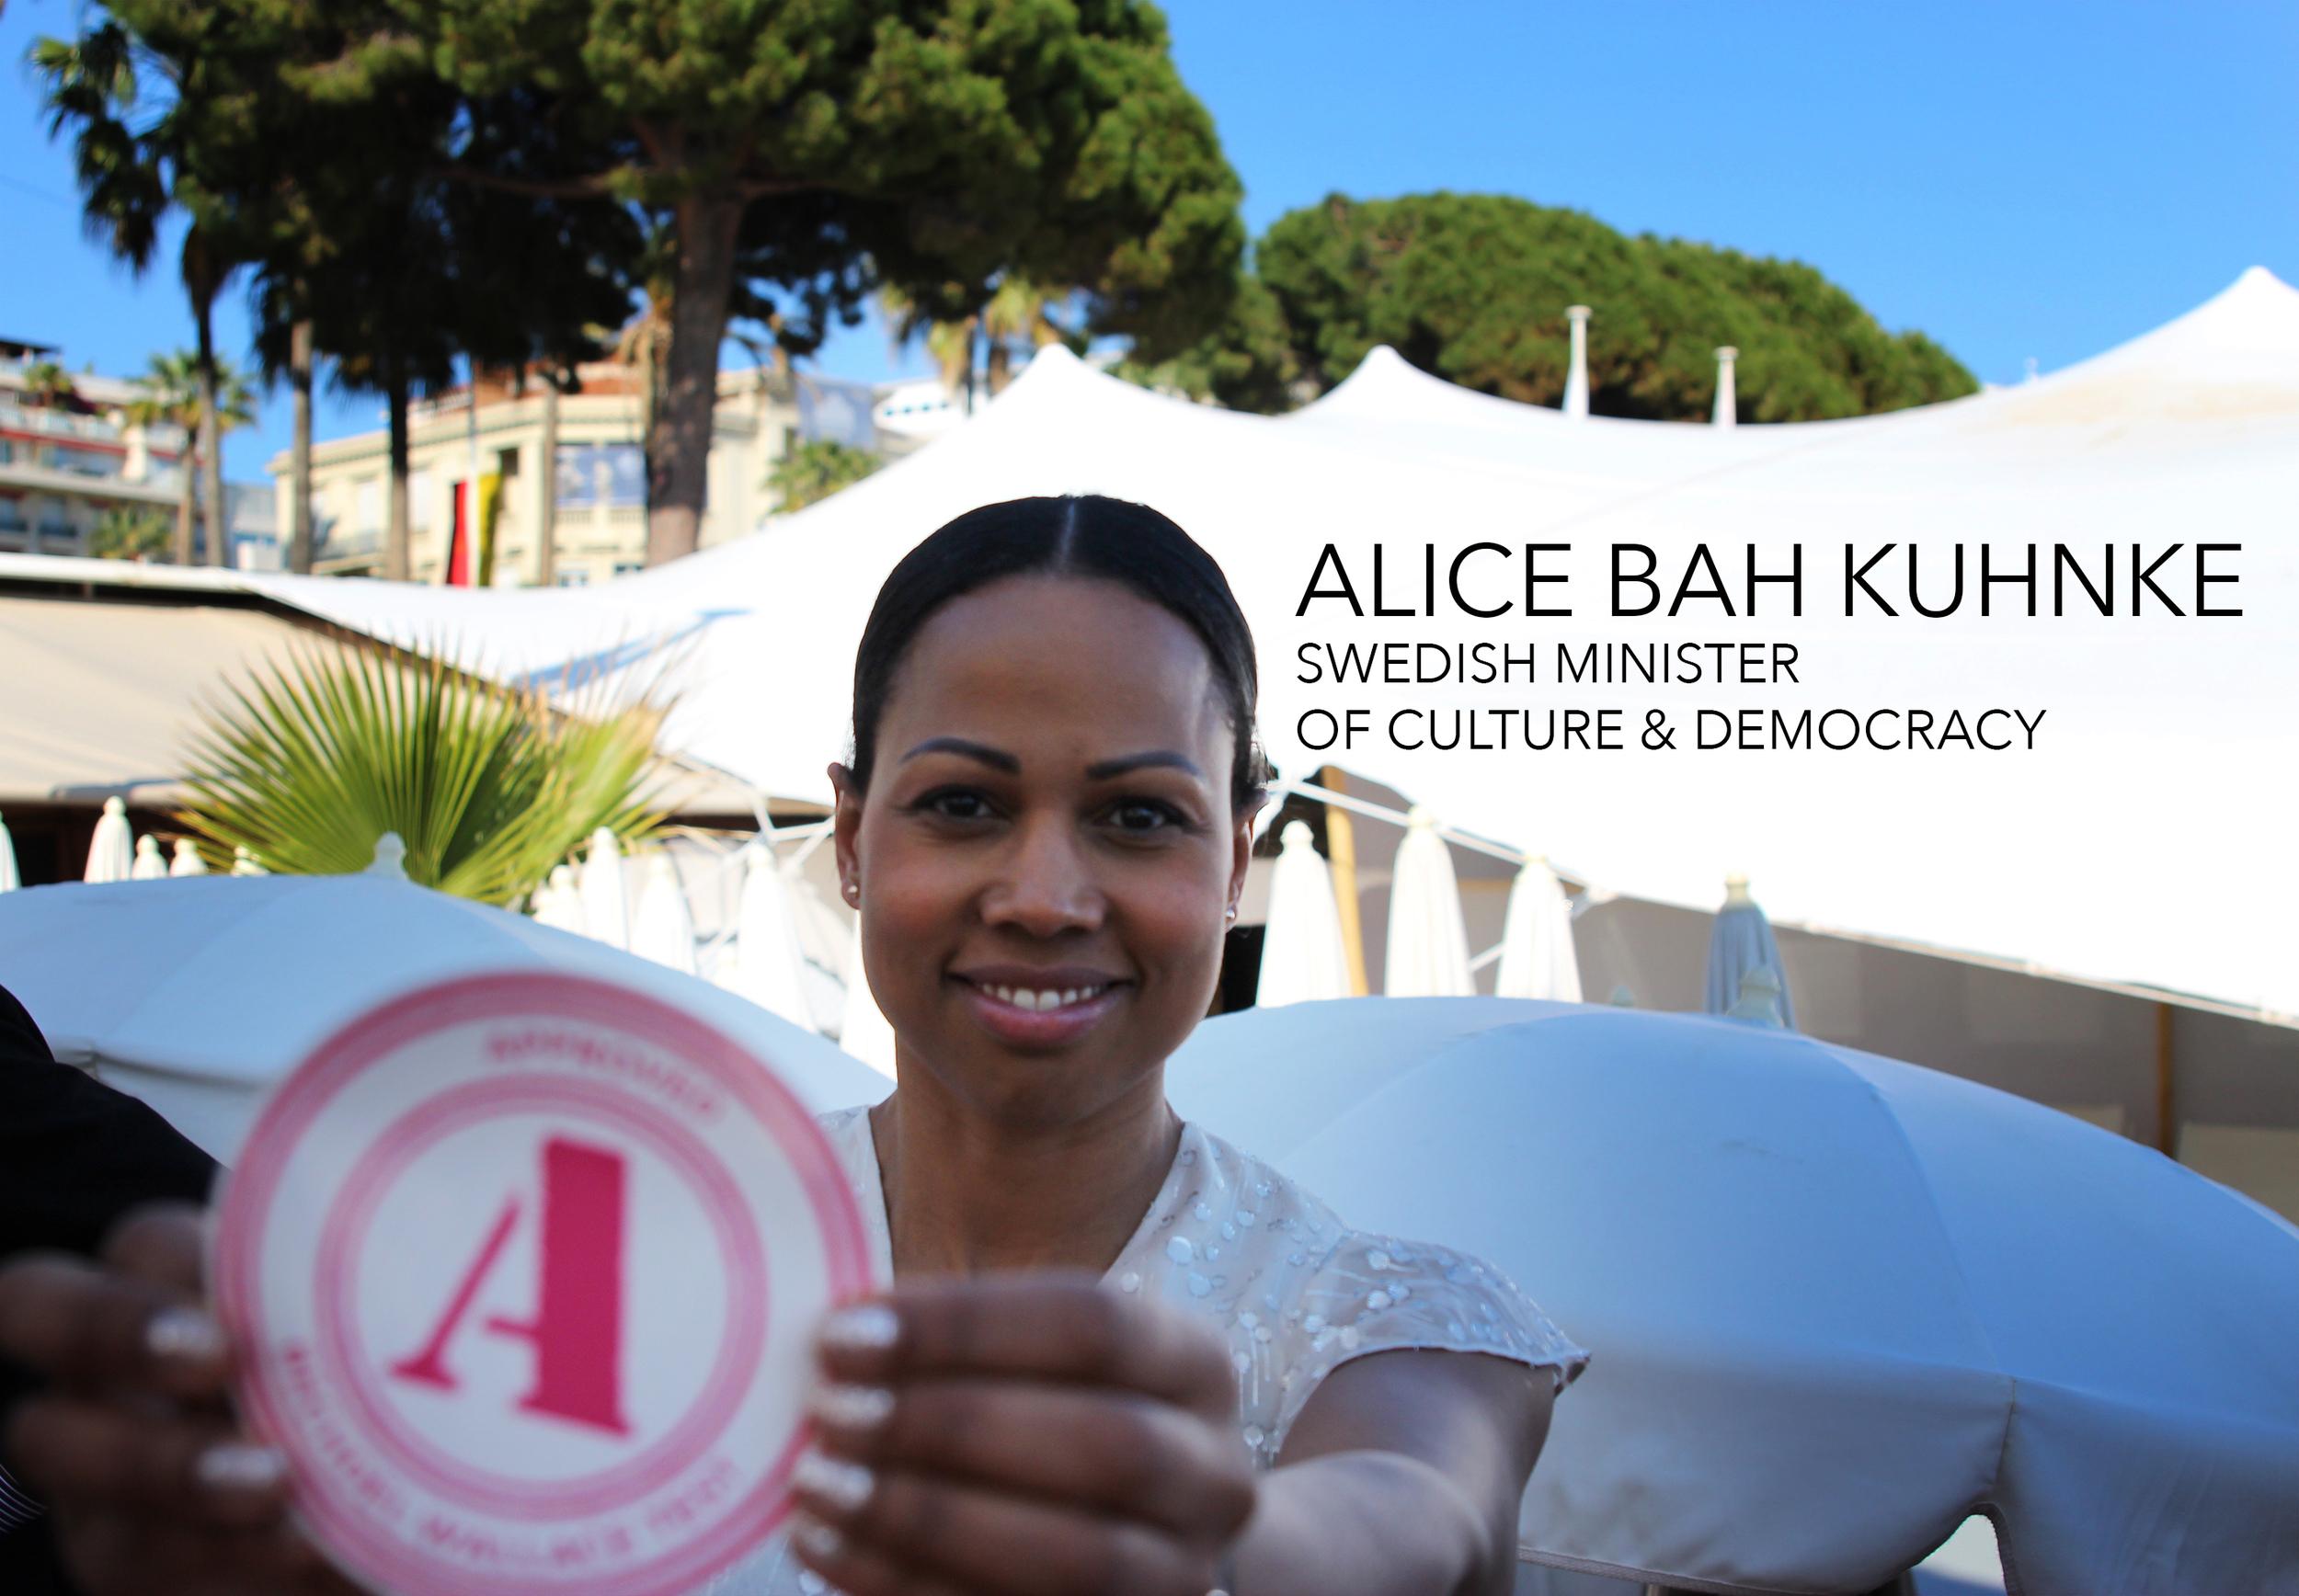 Alice Bah Kuhnke text.jpg